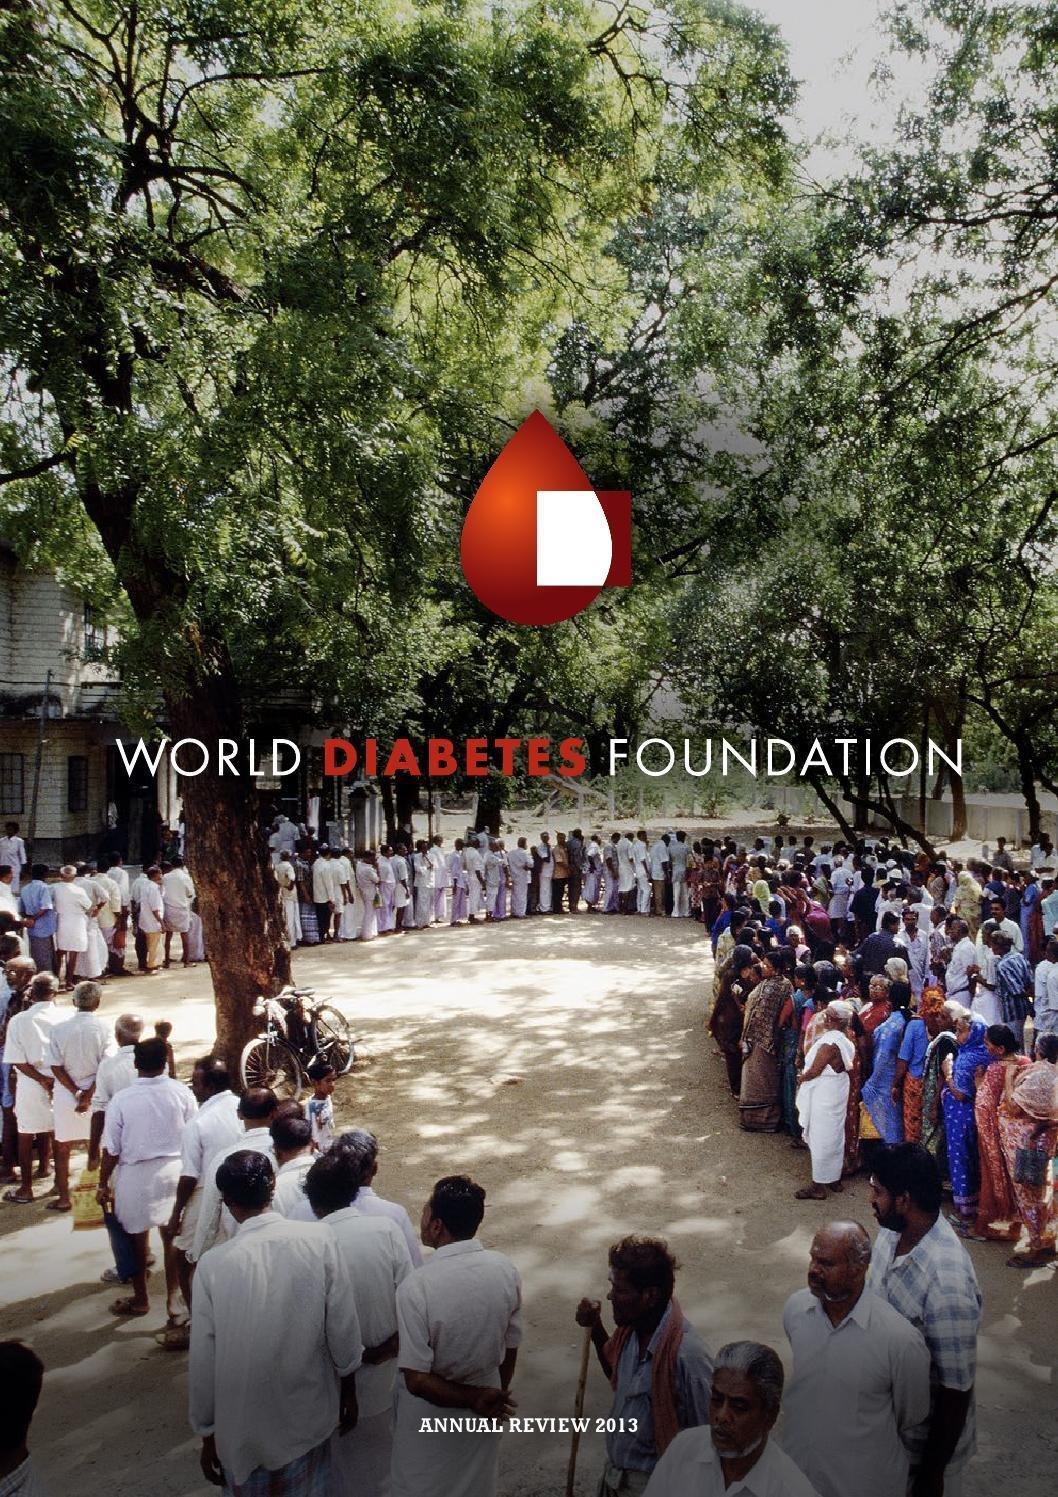 World Diabetes Foundation India